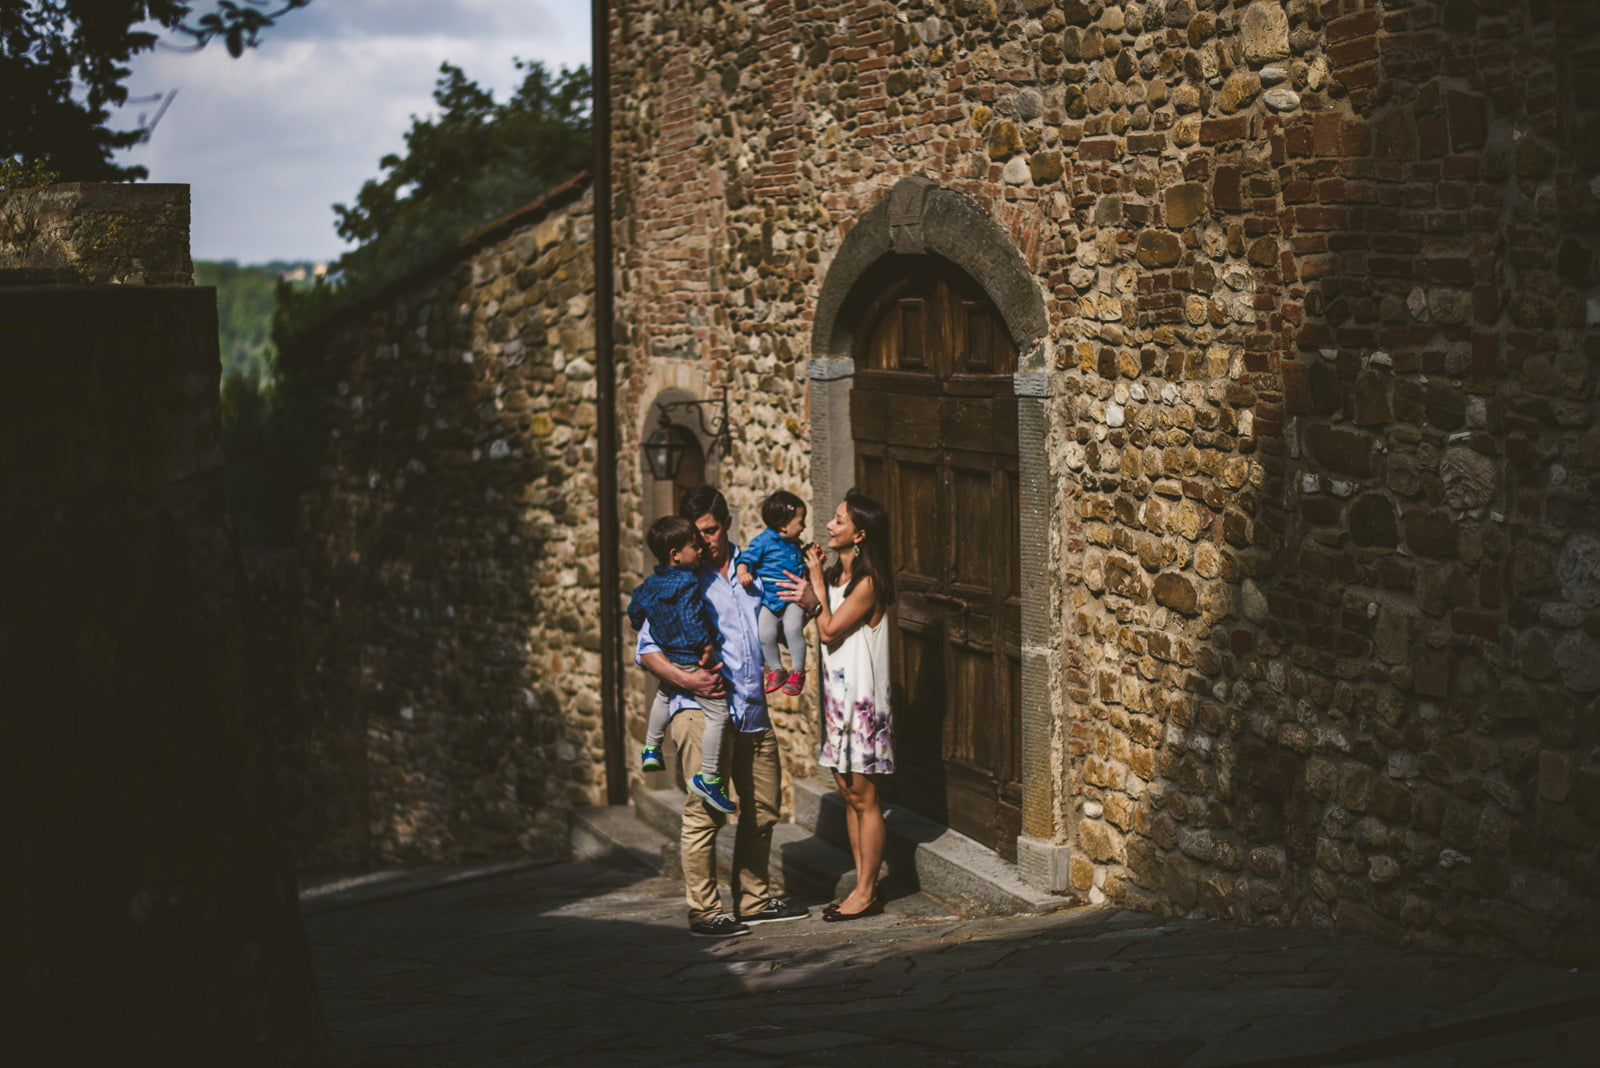 Castello di Bibbione, Family Portrait in Castello di Bibbione, Federico Pannacci, Federico Pannacci